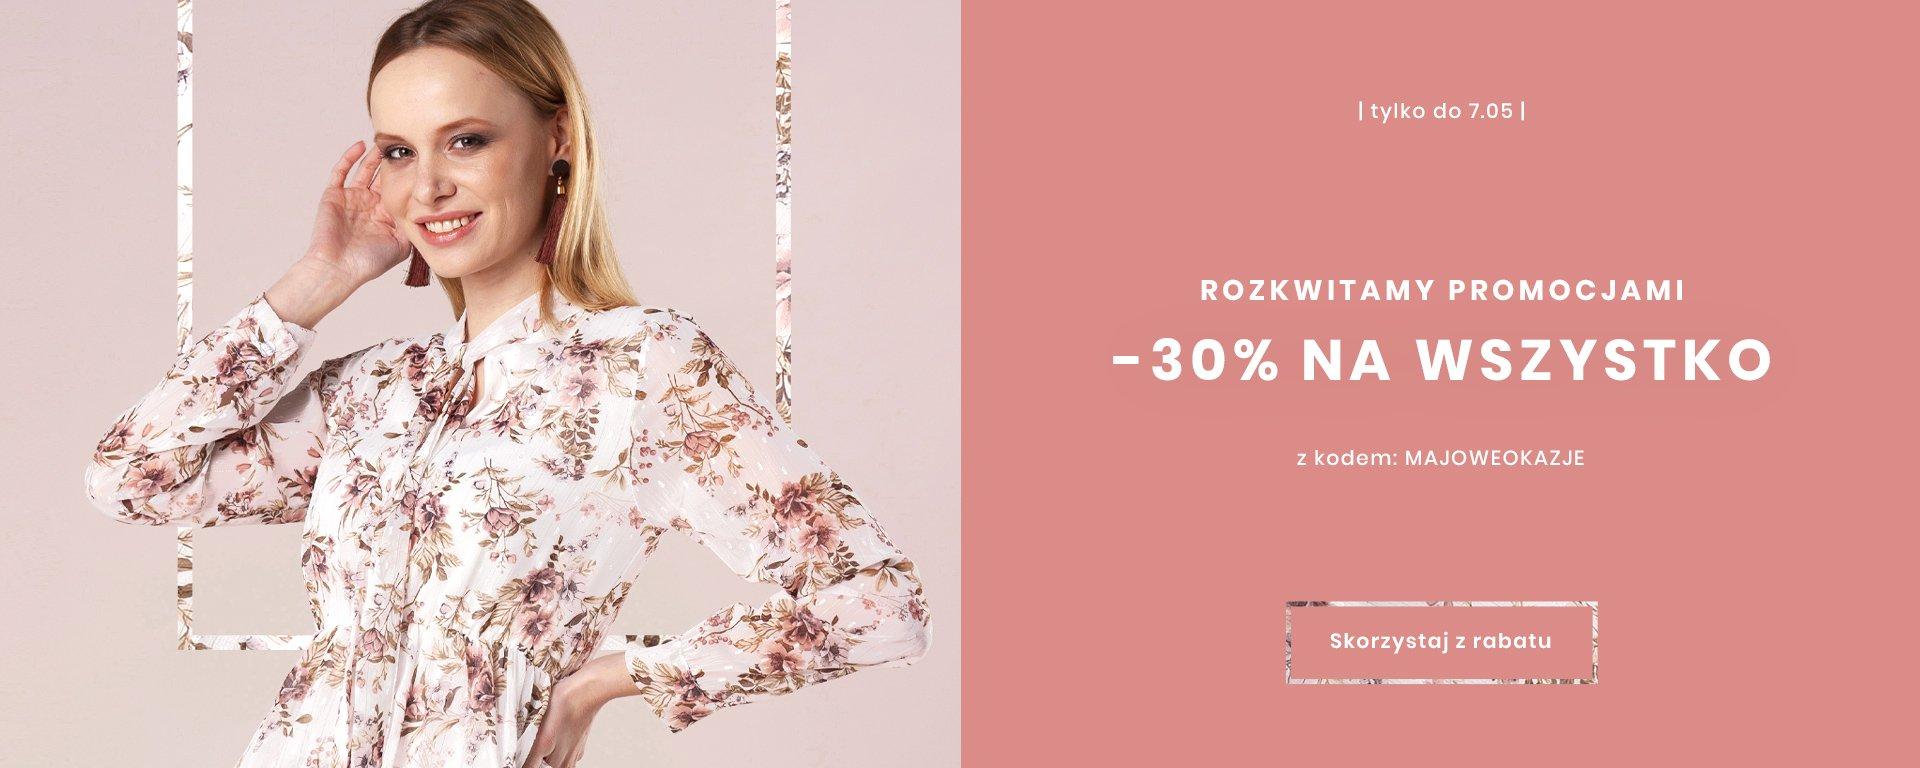 Ptakmoda: 30% zniżki na modne ubrania damskie                         title=